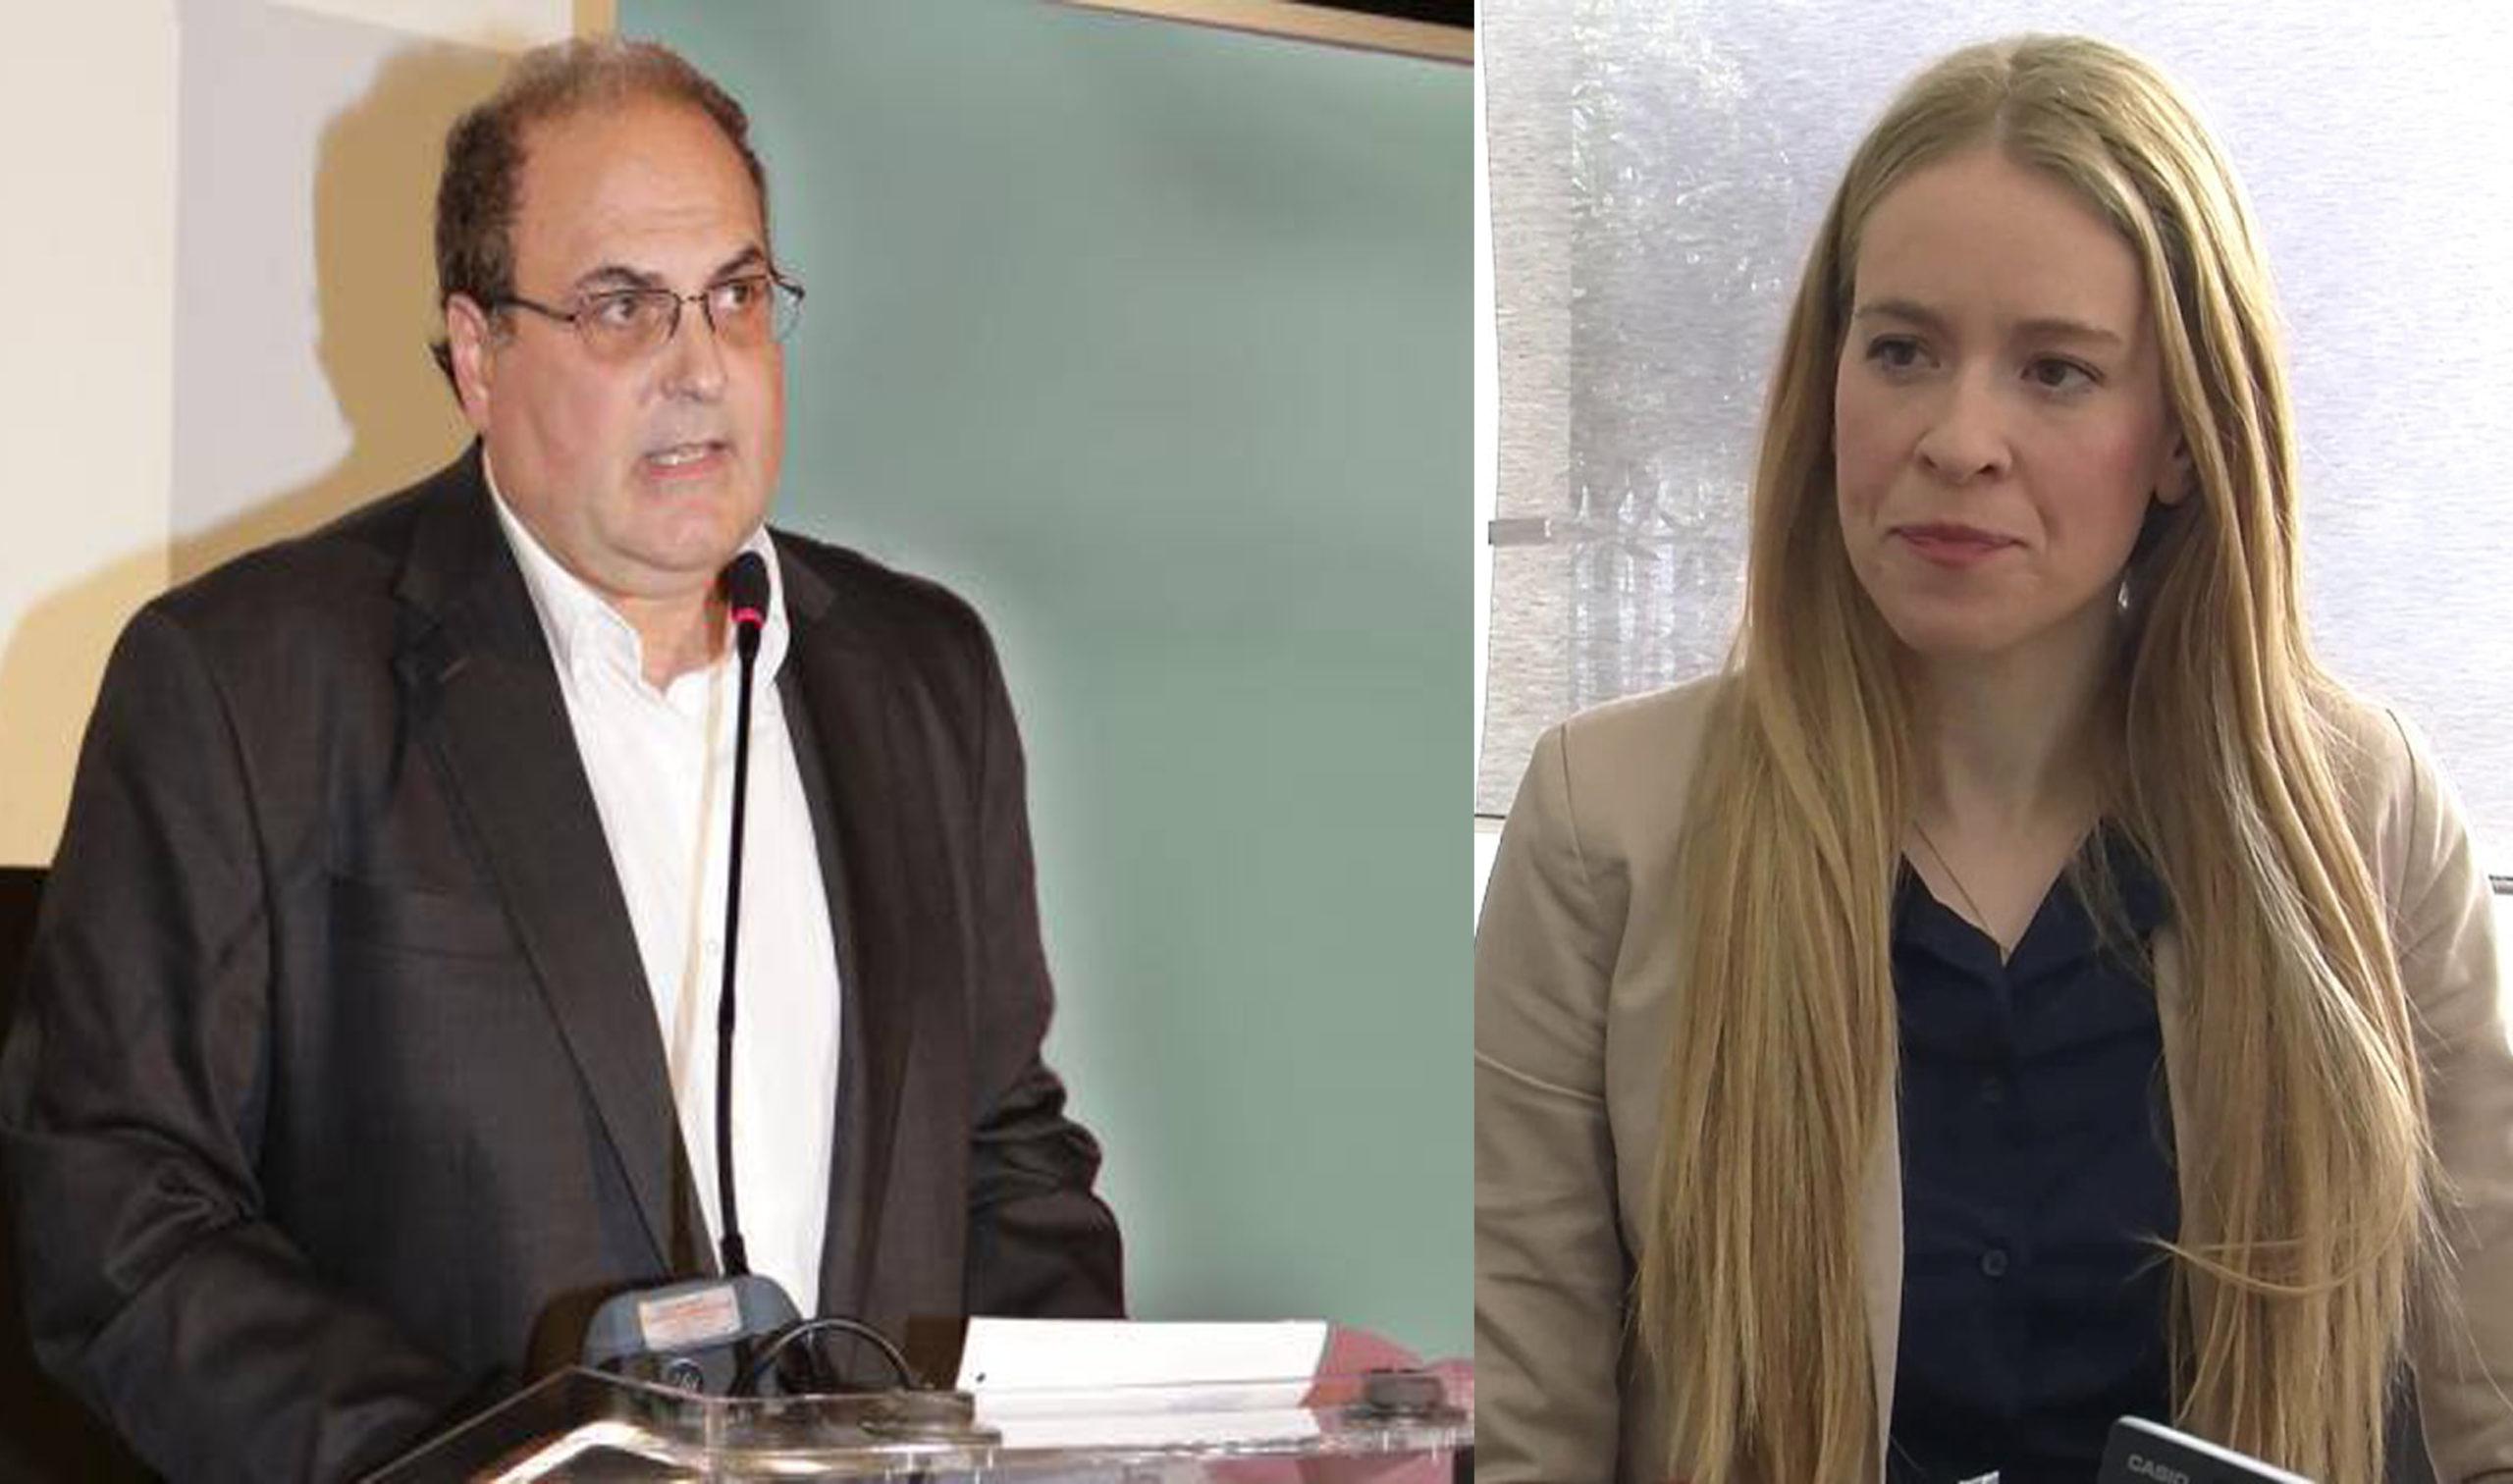 Σίμος Ρούσσος: Συνέντευξη δημάρχου Χαλανδρίου στην Δήμητρα Κούτρα για τον Κορονοϊό